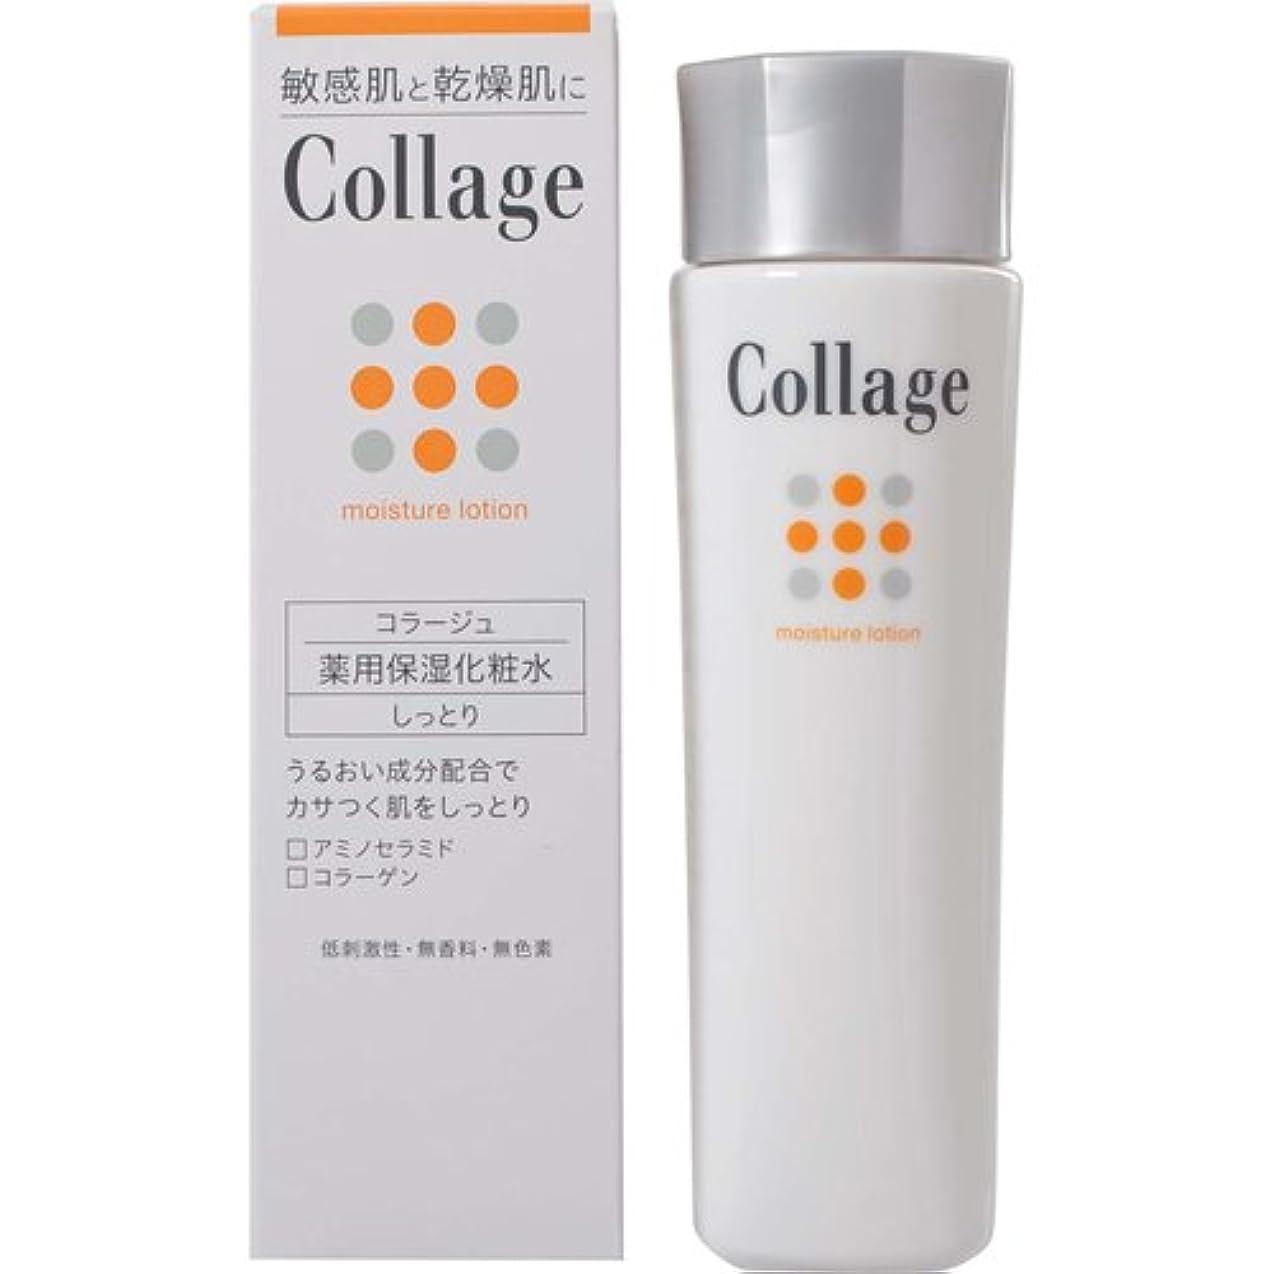 印象派中で溶かすコラージュ 薬用保湿化粧水 しっとり 120mL 【医薬部外品】